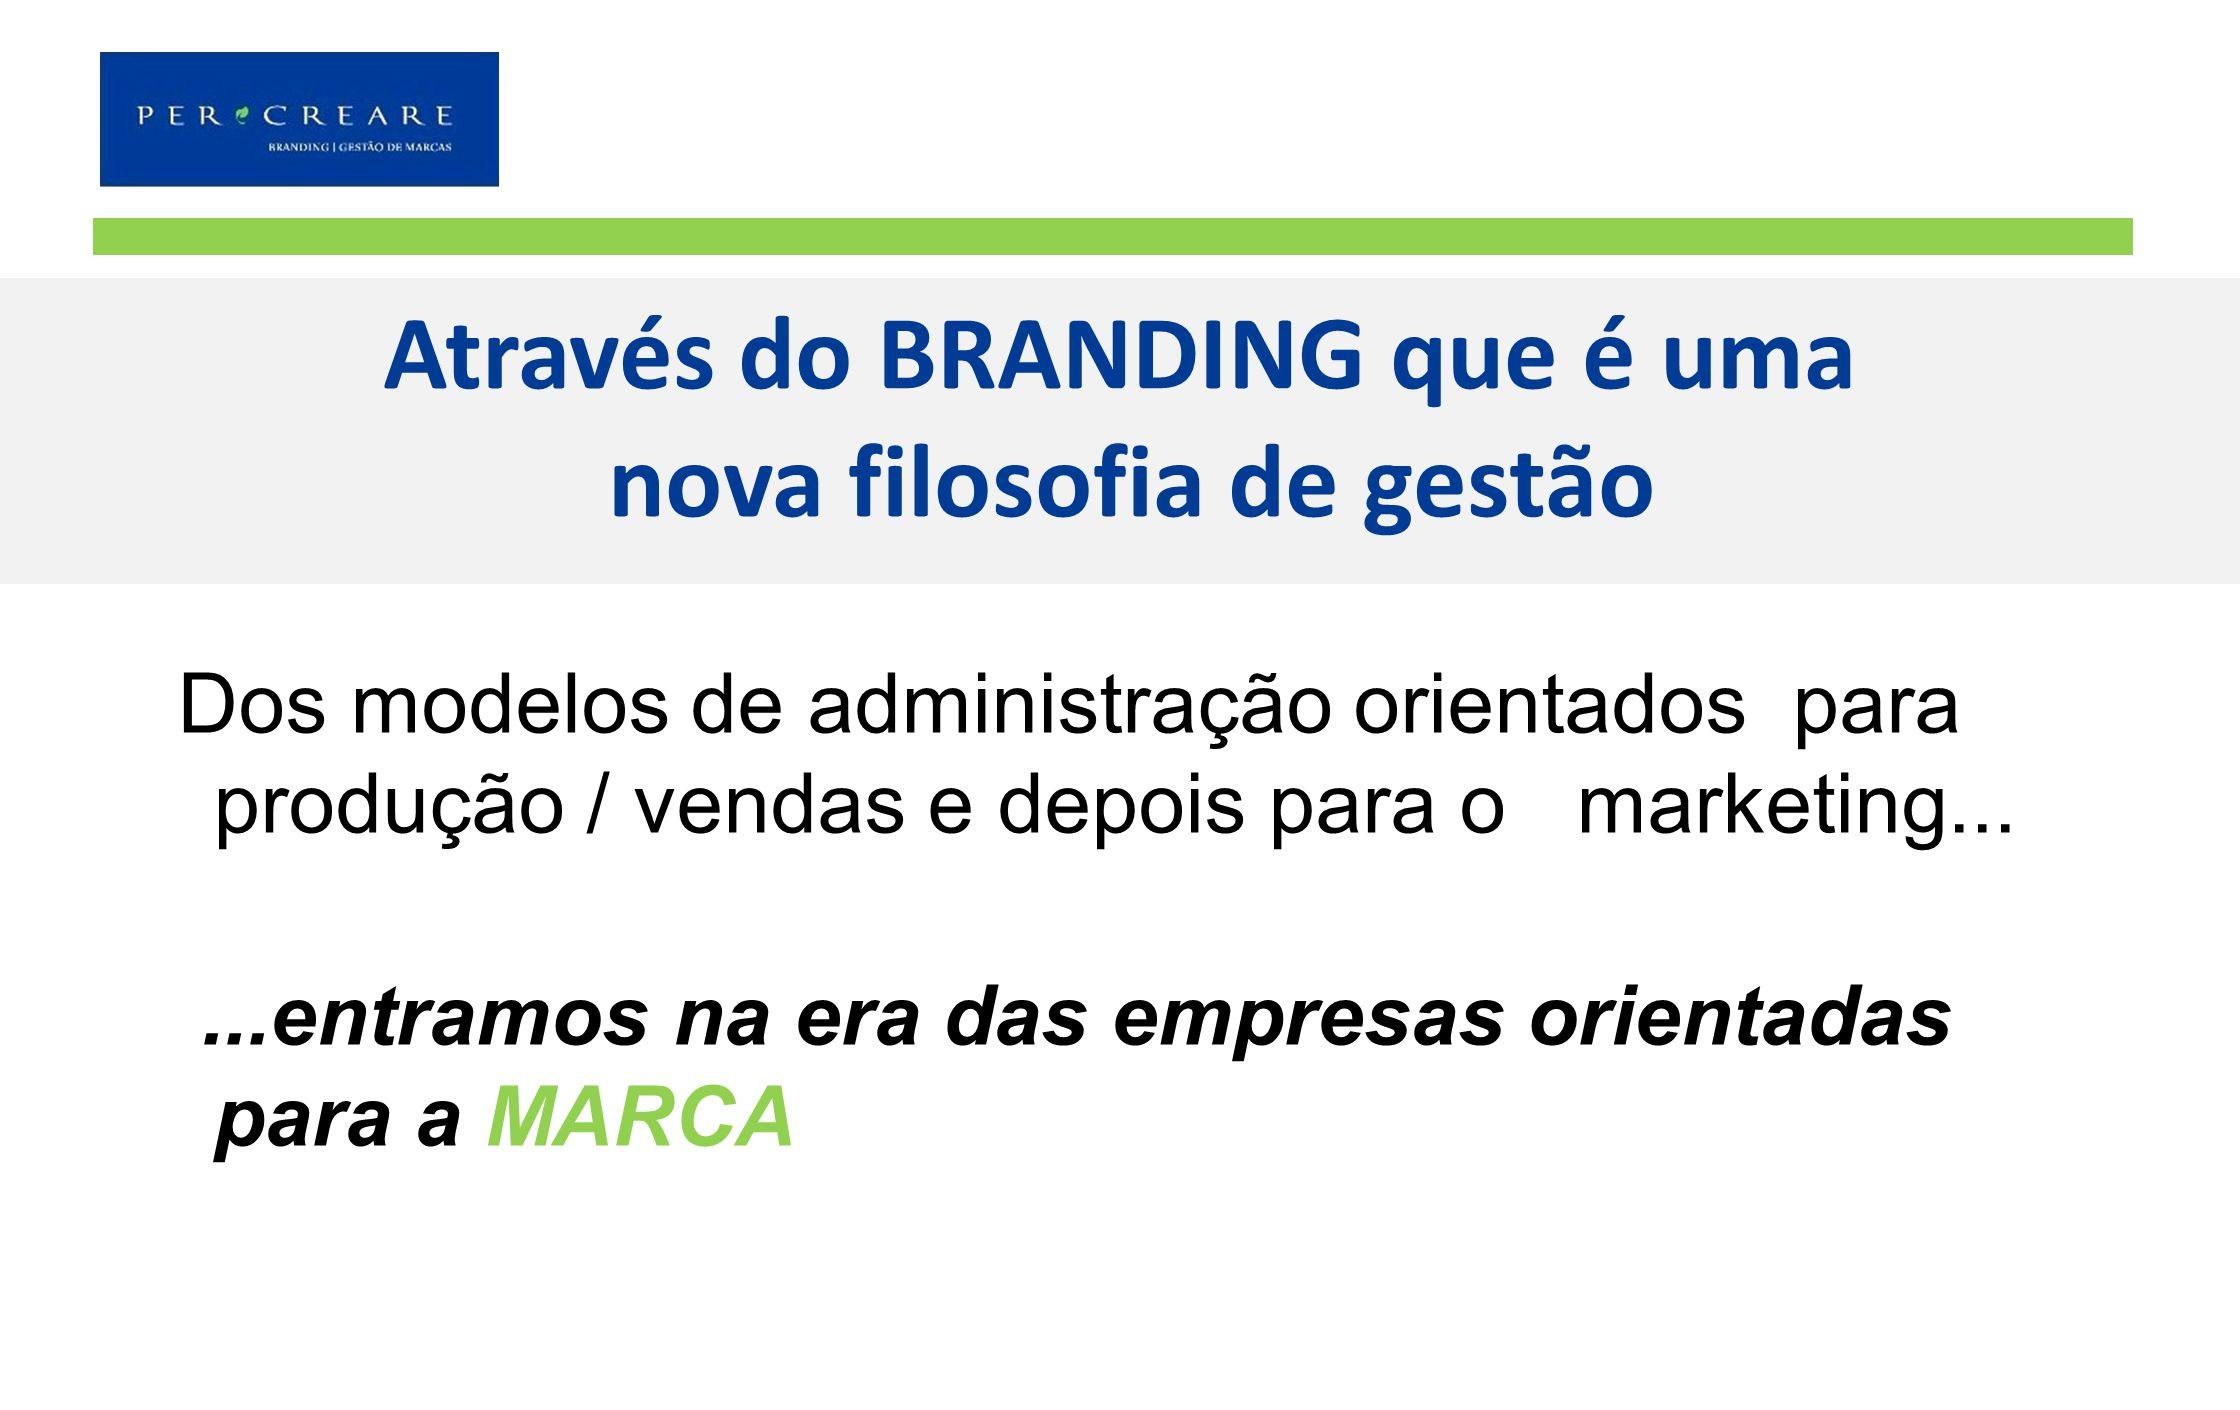 Através do BRANDING que é uma nova filosofia de gestão Dos modelos de administração orientados para produção / vendas e depois para o marketing......e